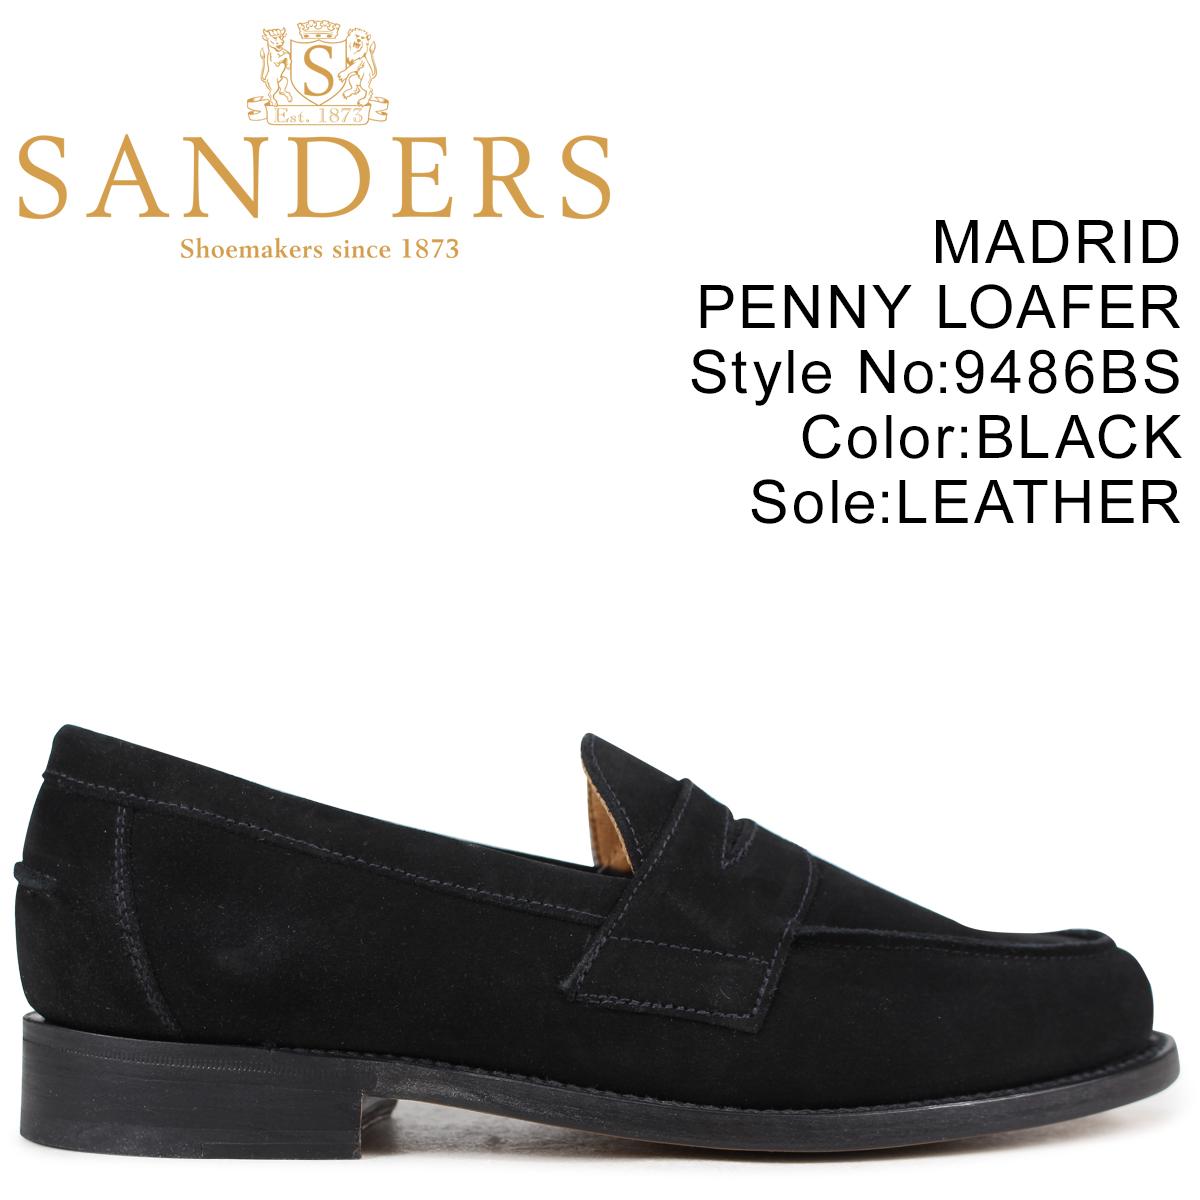 SANDERS 靴 サンダース ペニーローファー MADRID PENNY LOAFER メンズ スエード ブラック 9486BS